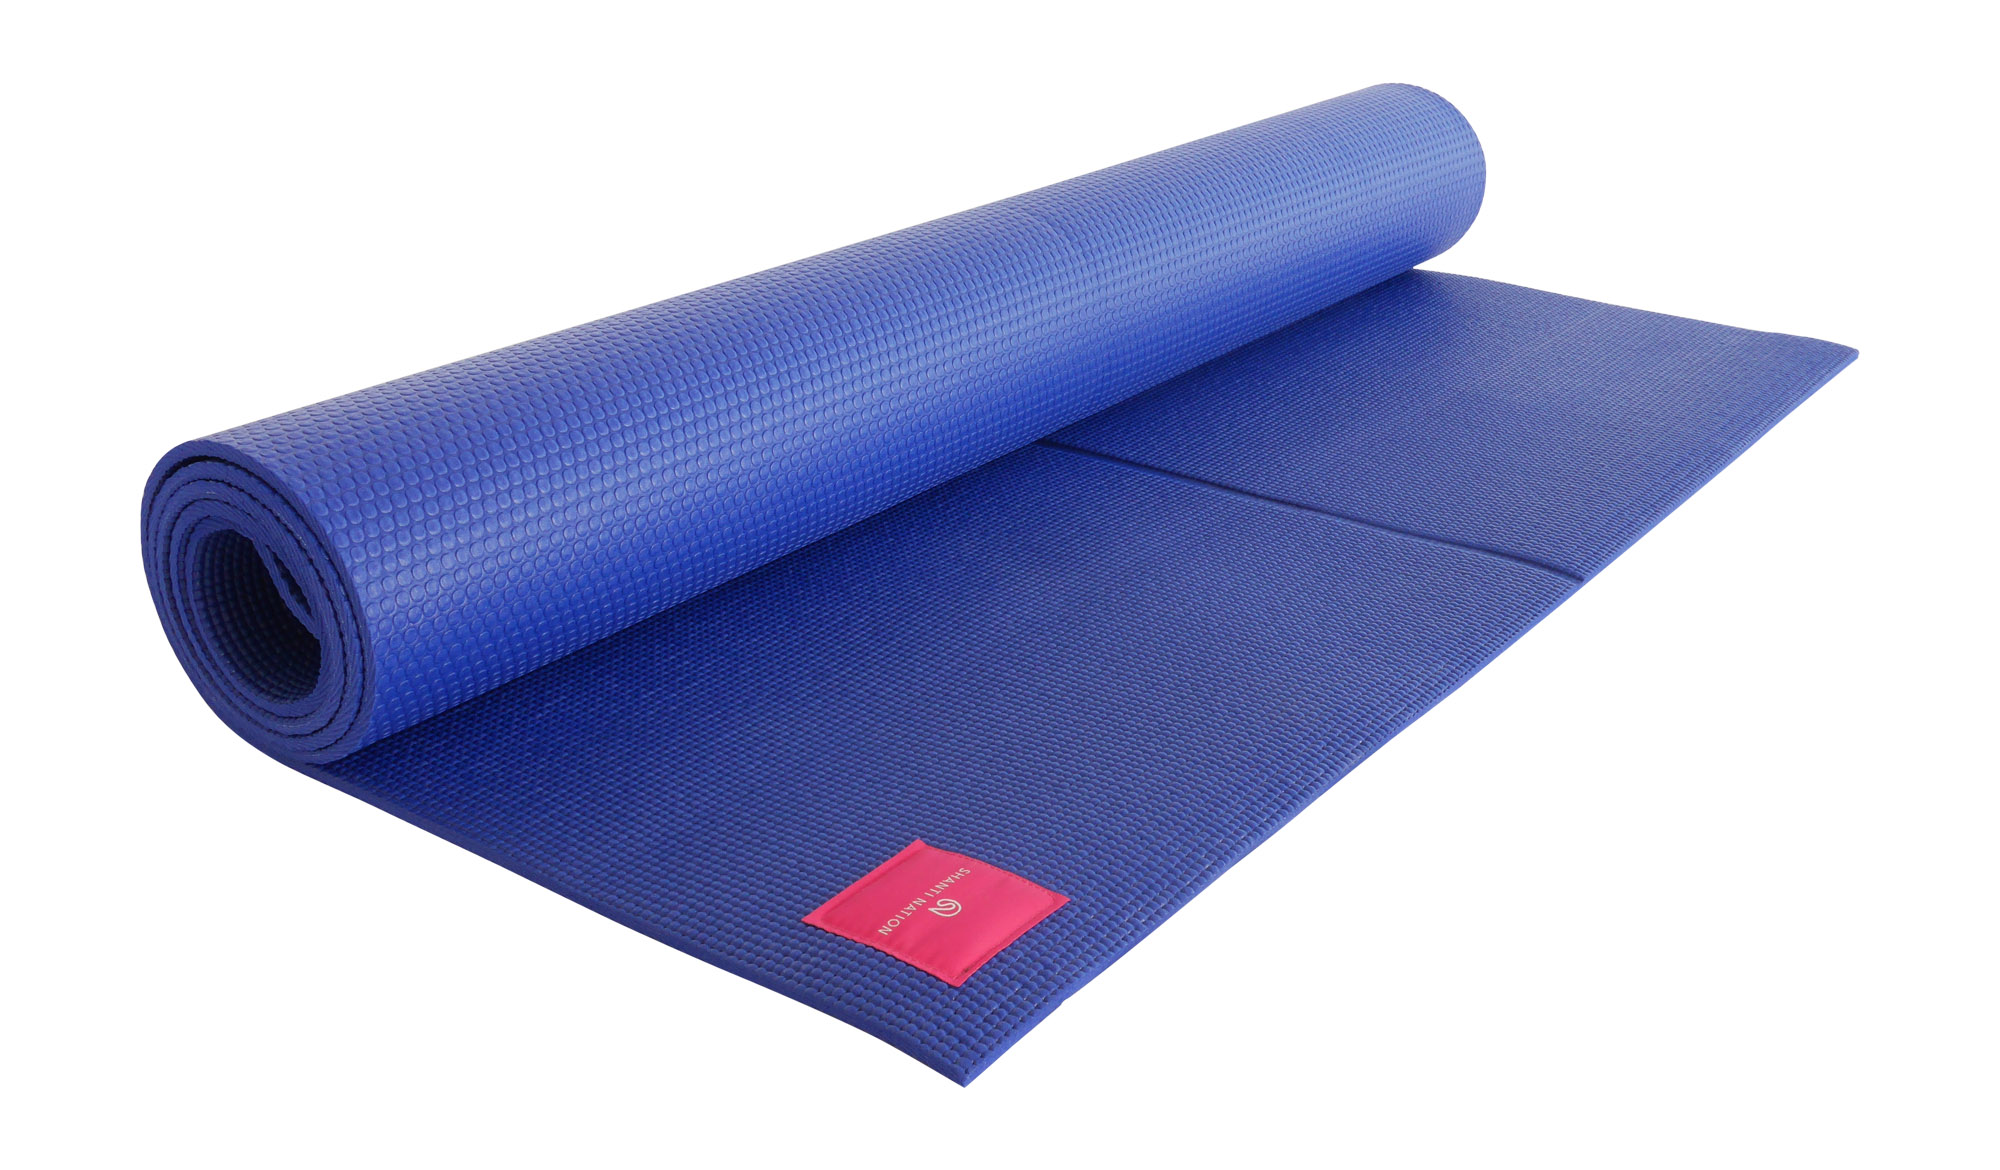 Unsere XXL-Yogamatte ist 100 cm breit und 200 cm lang - mehr Bewegungsfreiheit geht nicht.